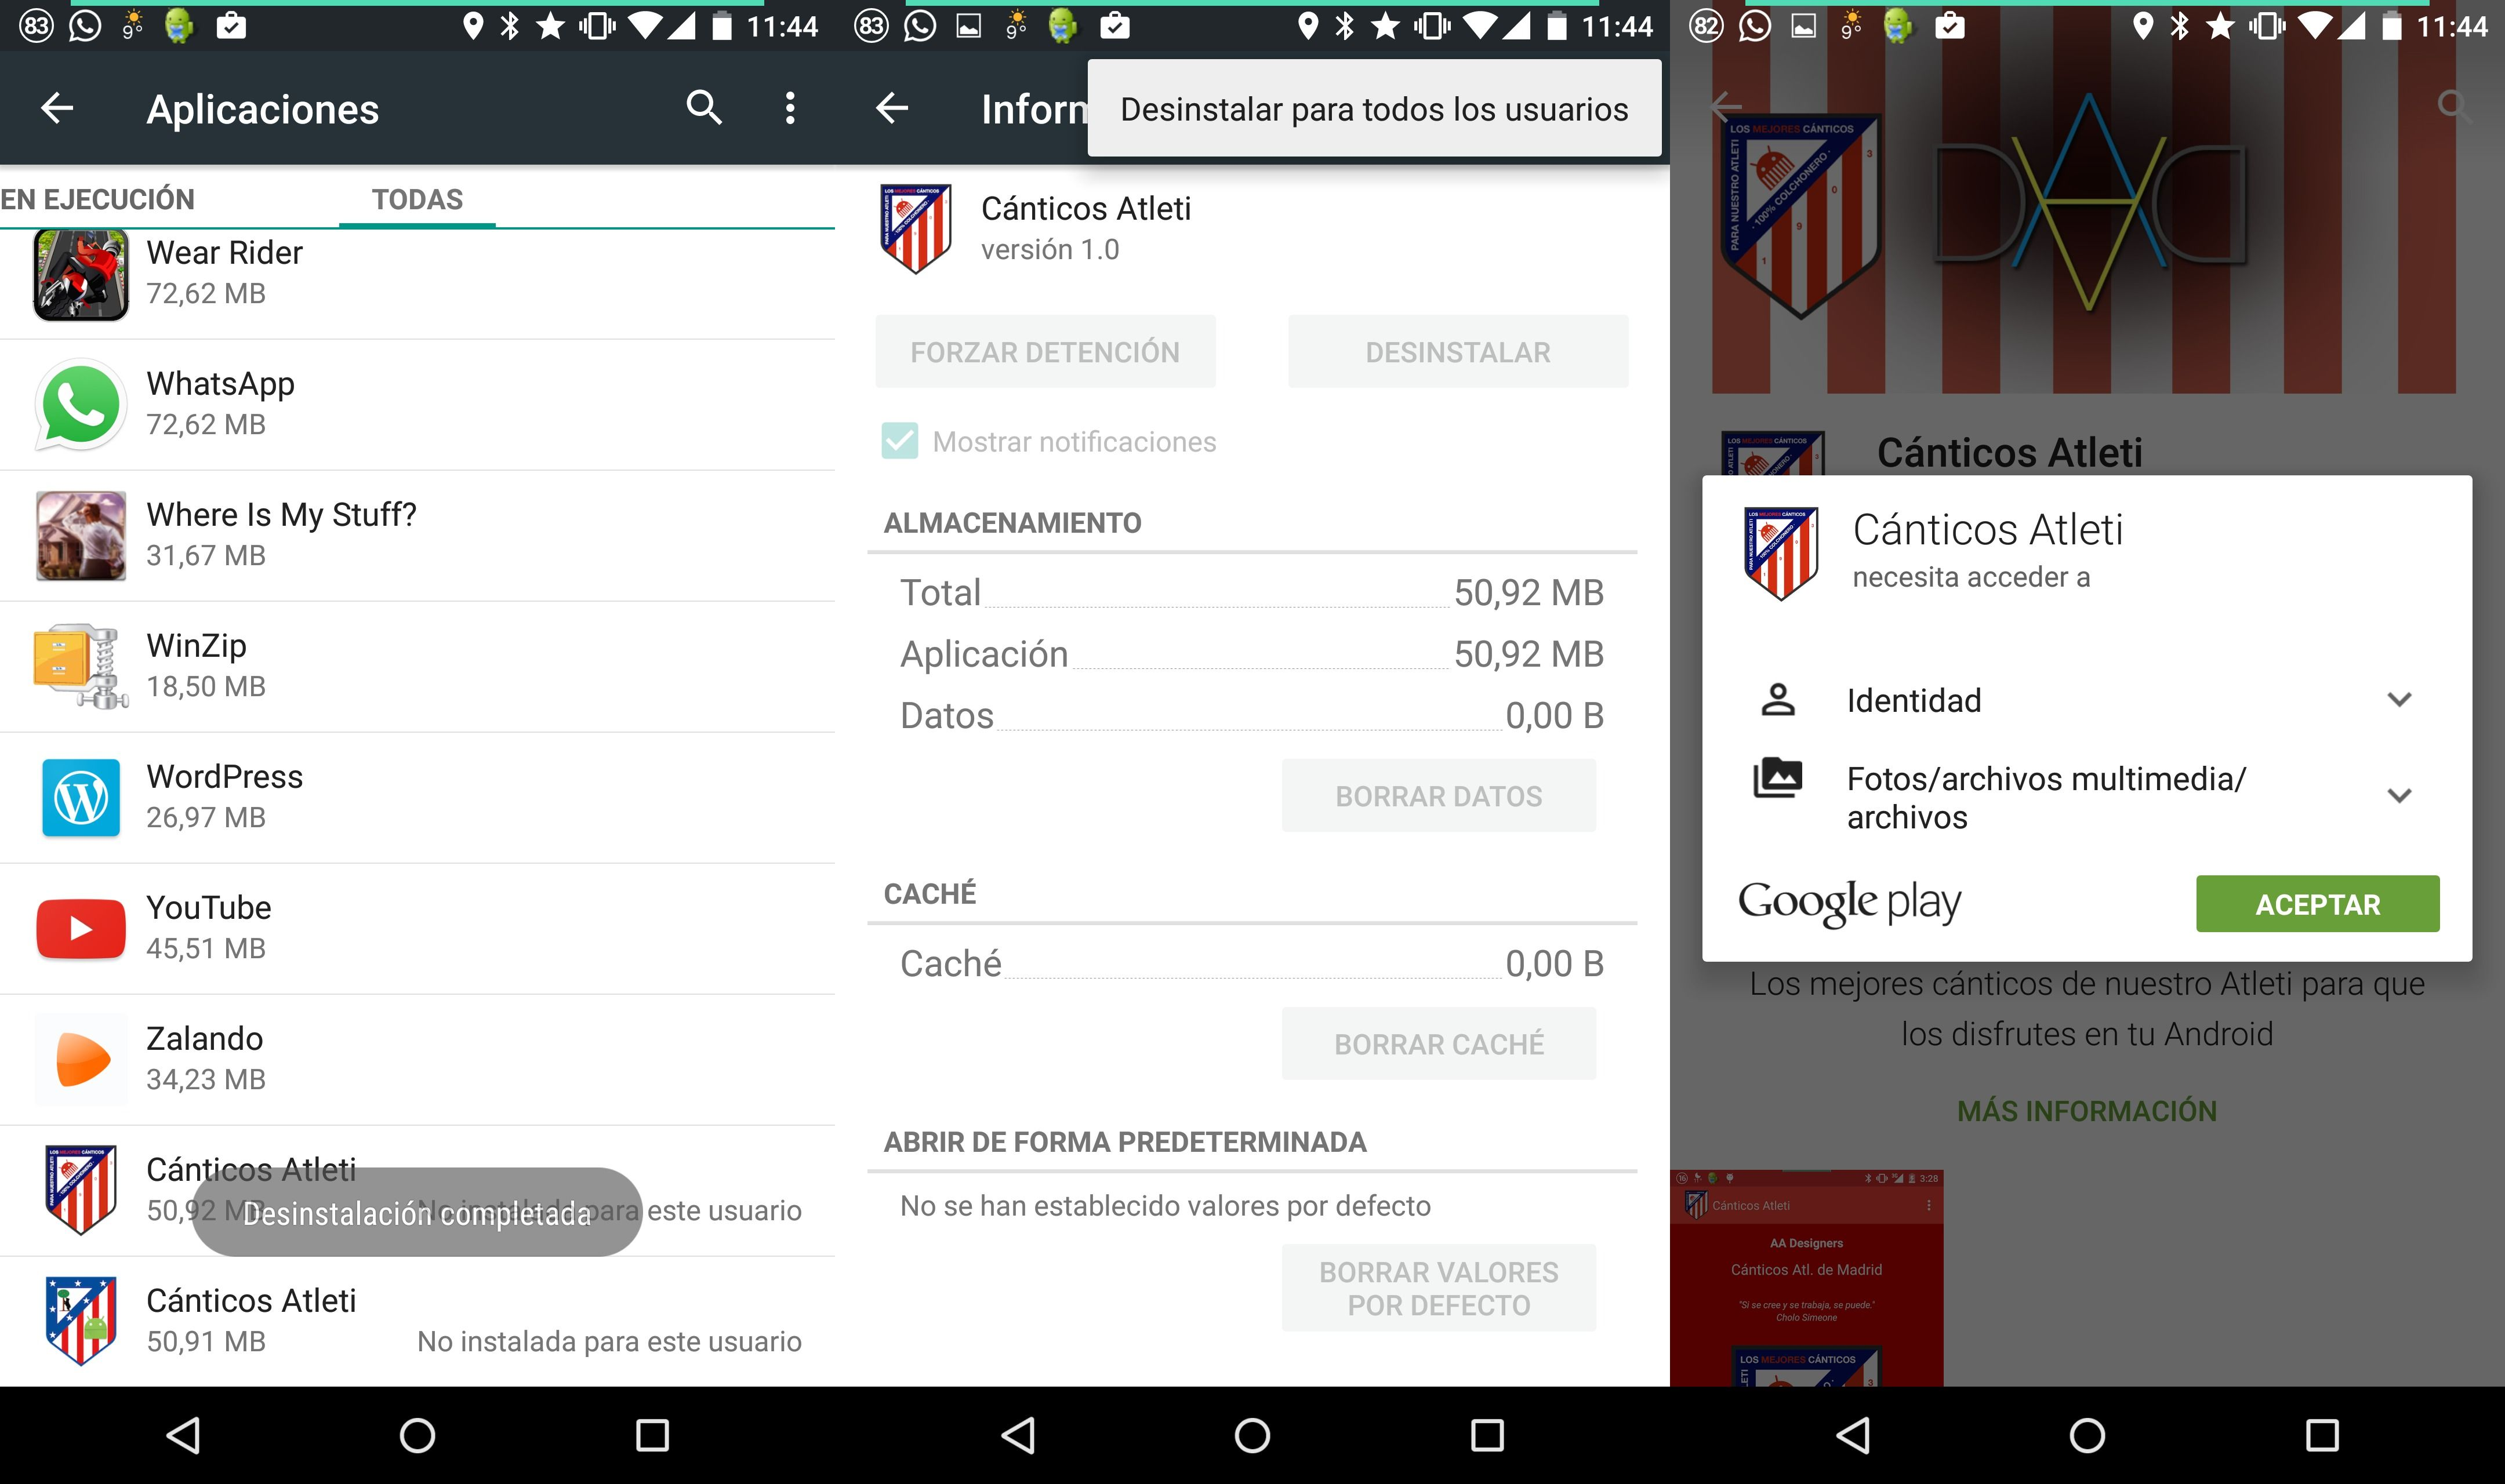 Cómo desinstalar una aplicación en Android para todos los usuarios